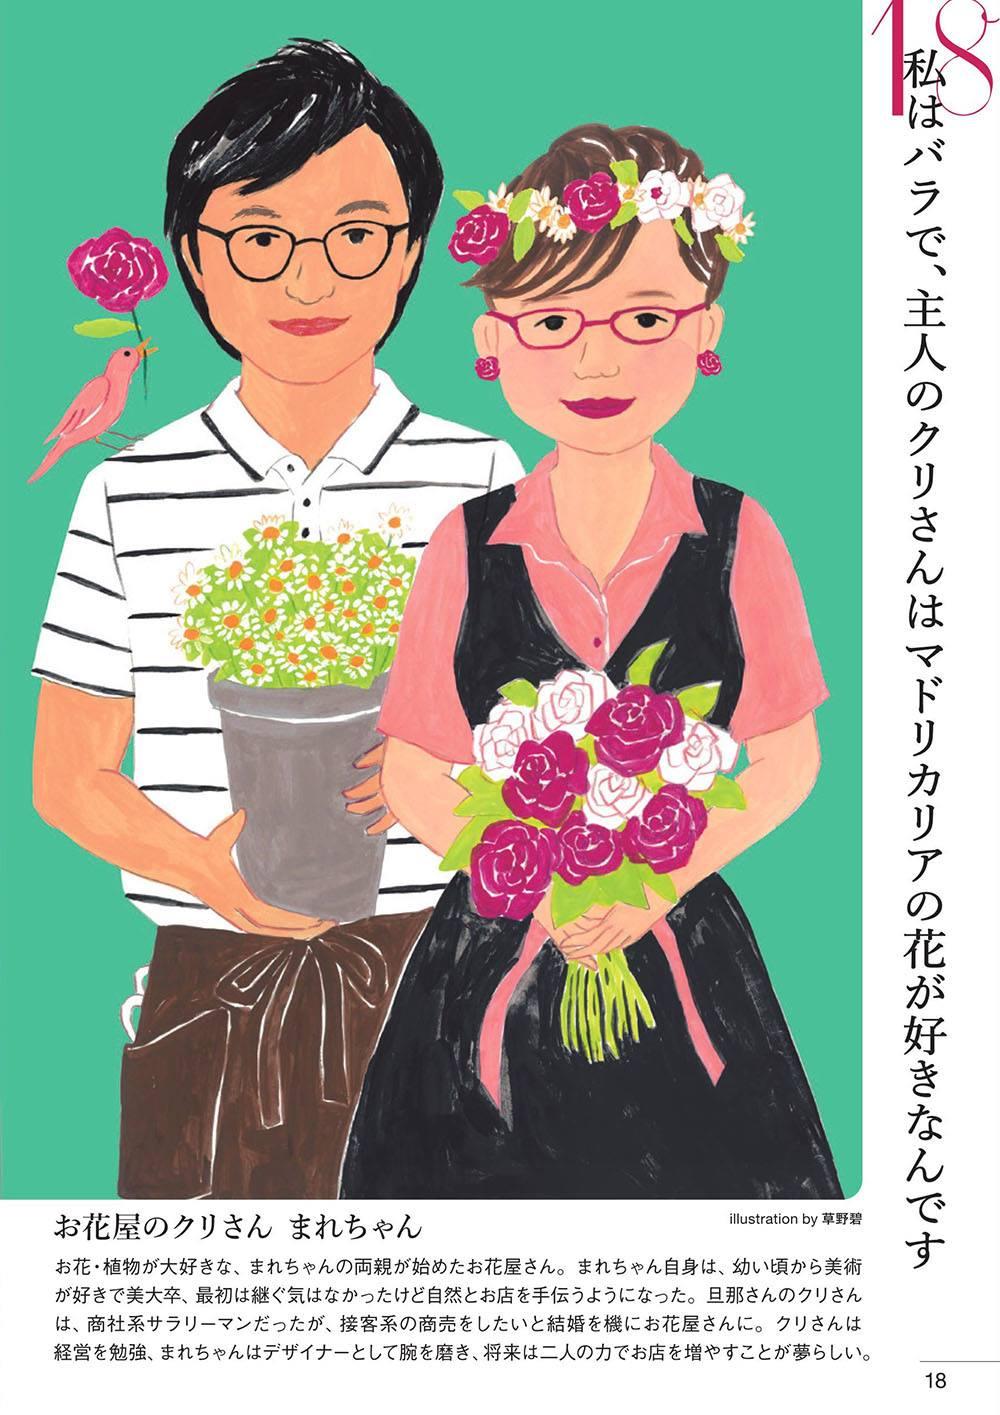 フリーペーパー冊子「とりつじん」イラストレーション